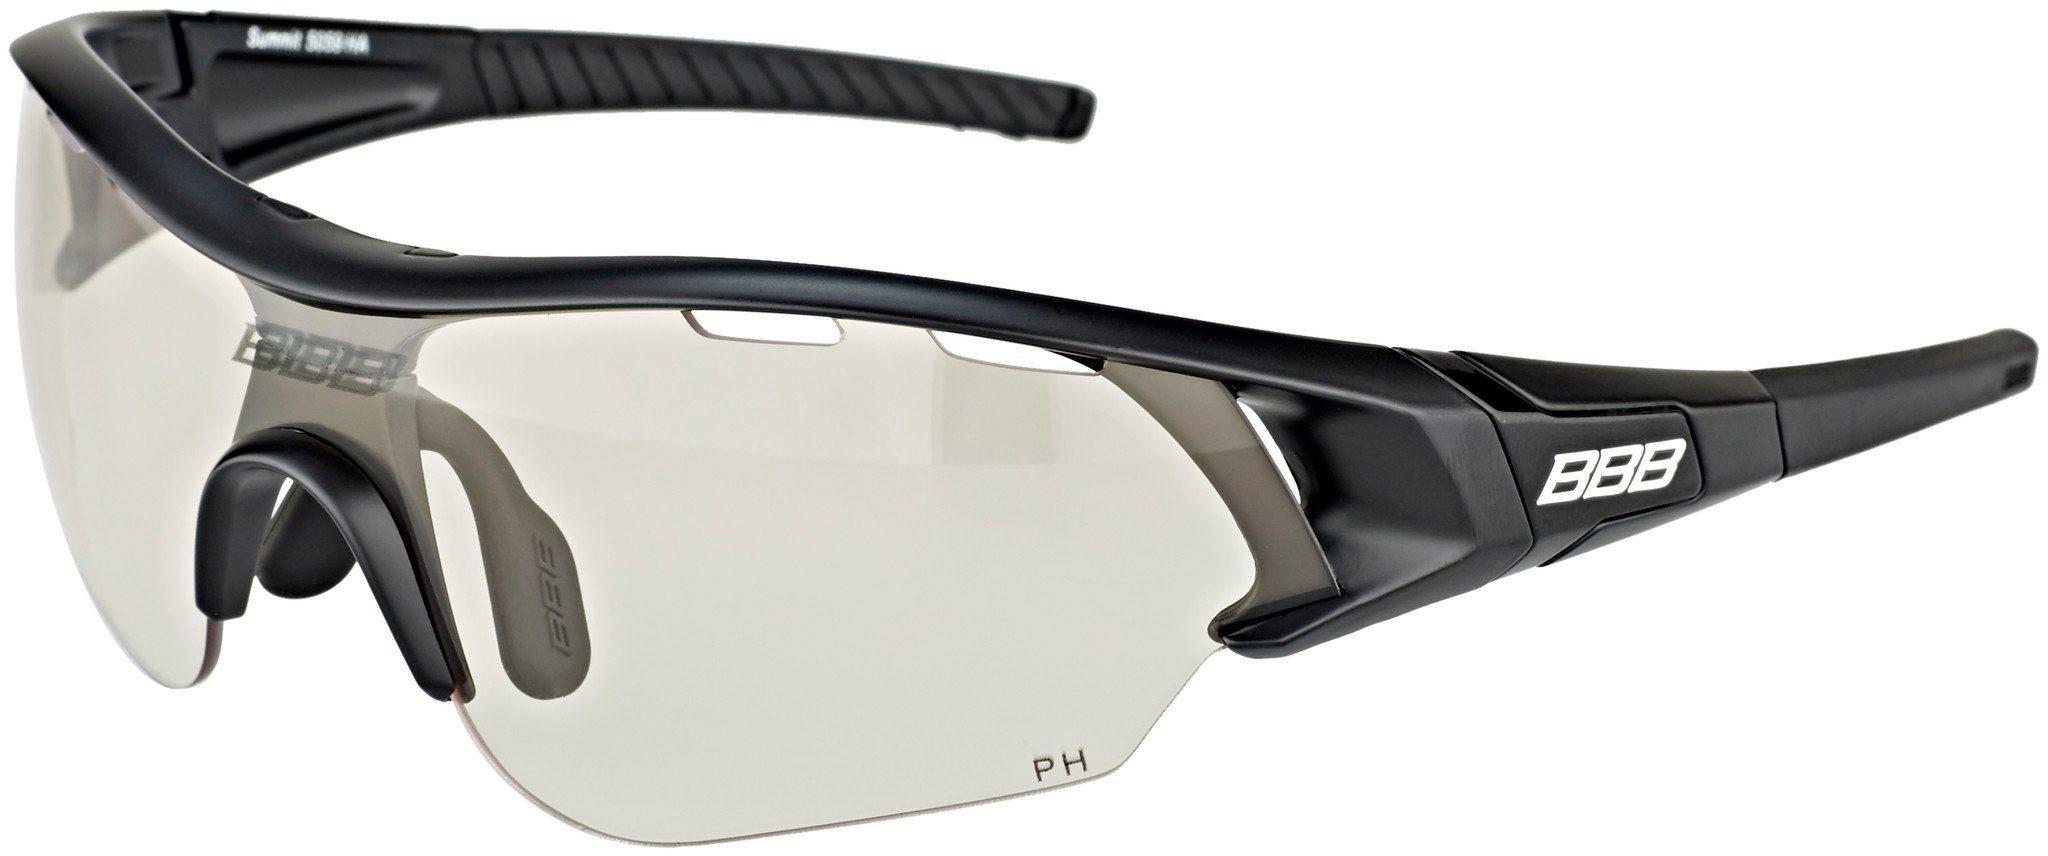 BBB Sportbrille »Summit PH BSG-50PH Sportbrille«